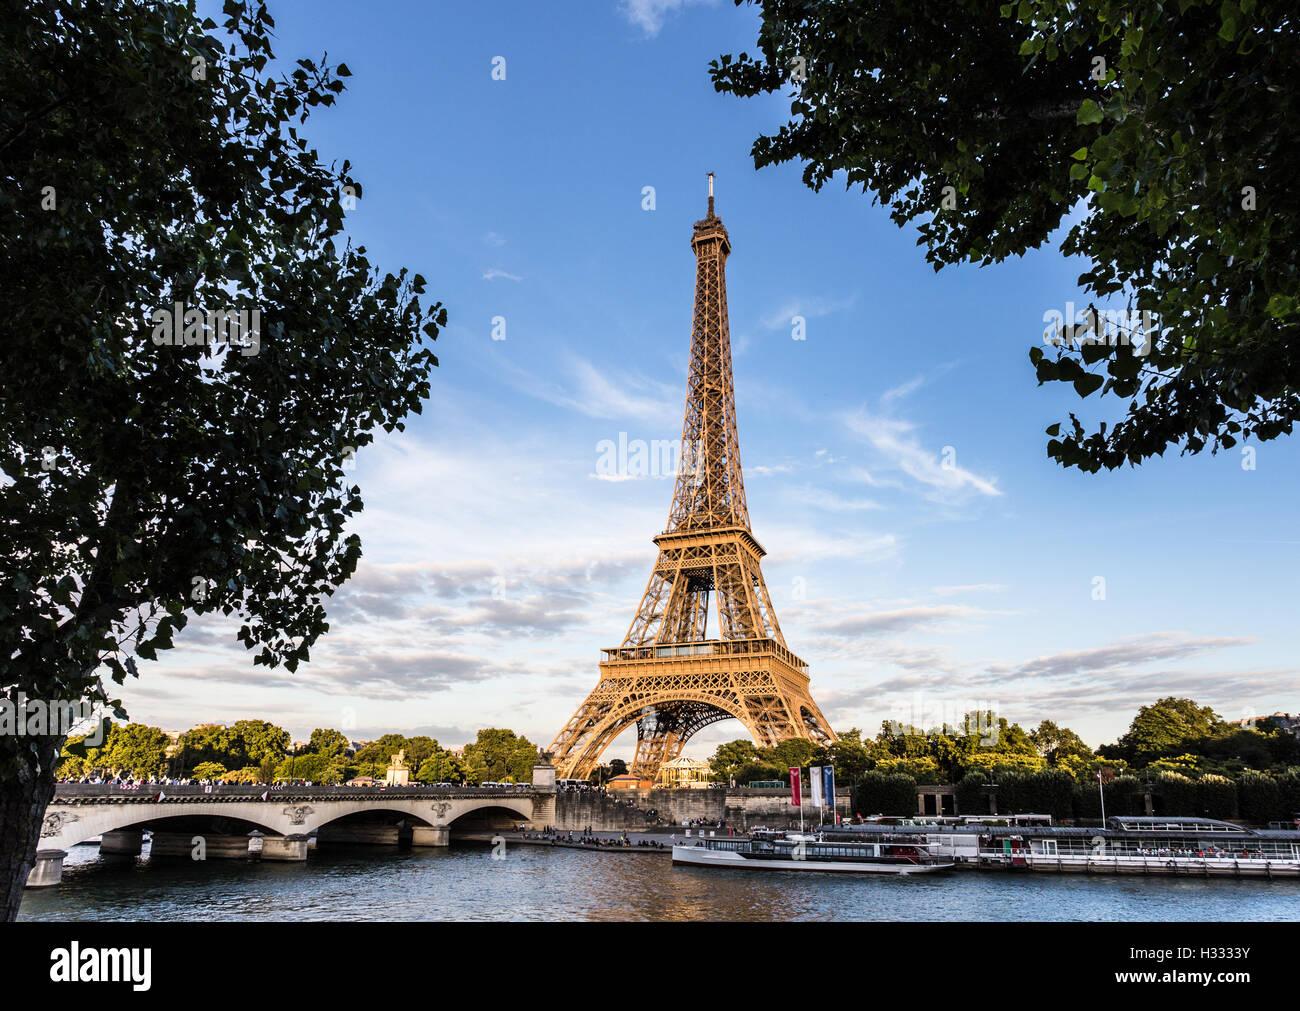 Tramonto sulla Torre Eiffel lungo il fiume Senna a Parigi in Francia la città capitale. Immagini Stock